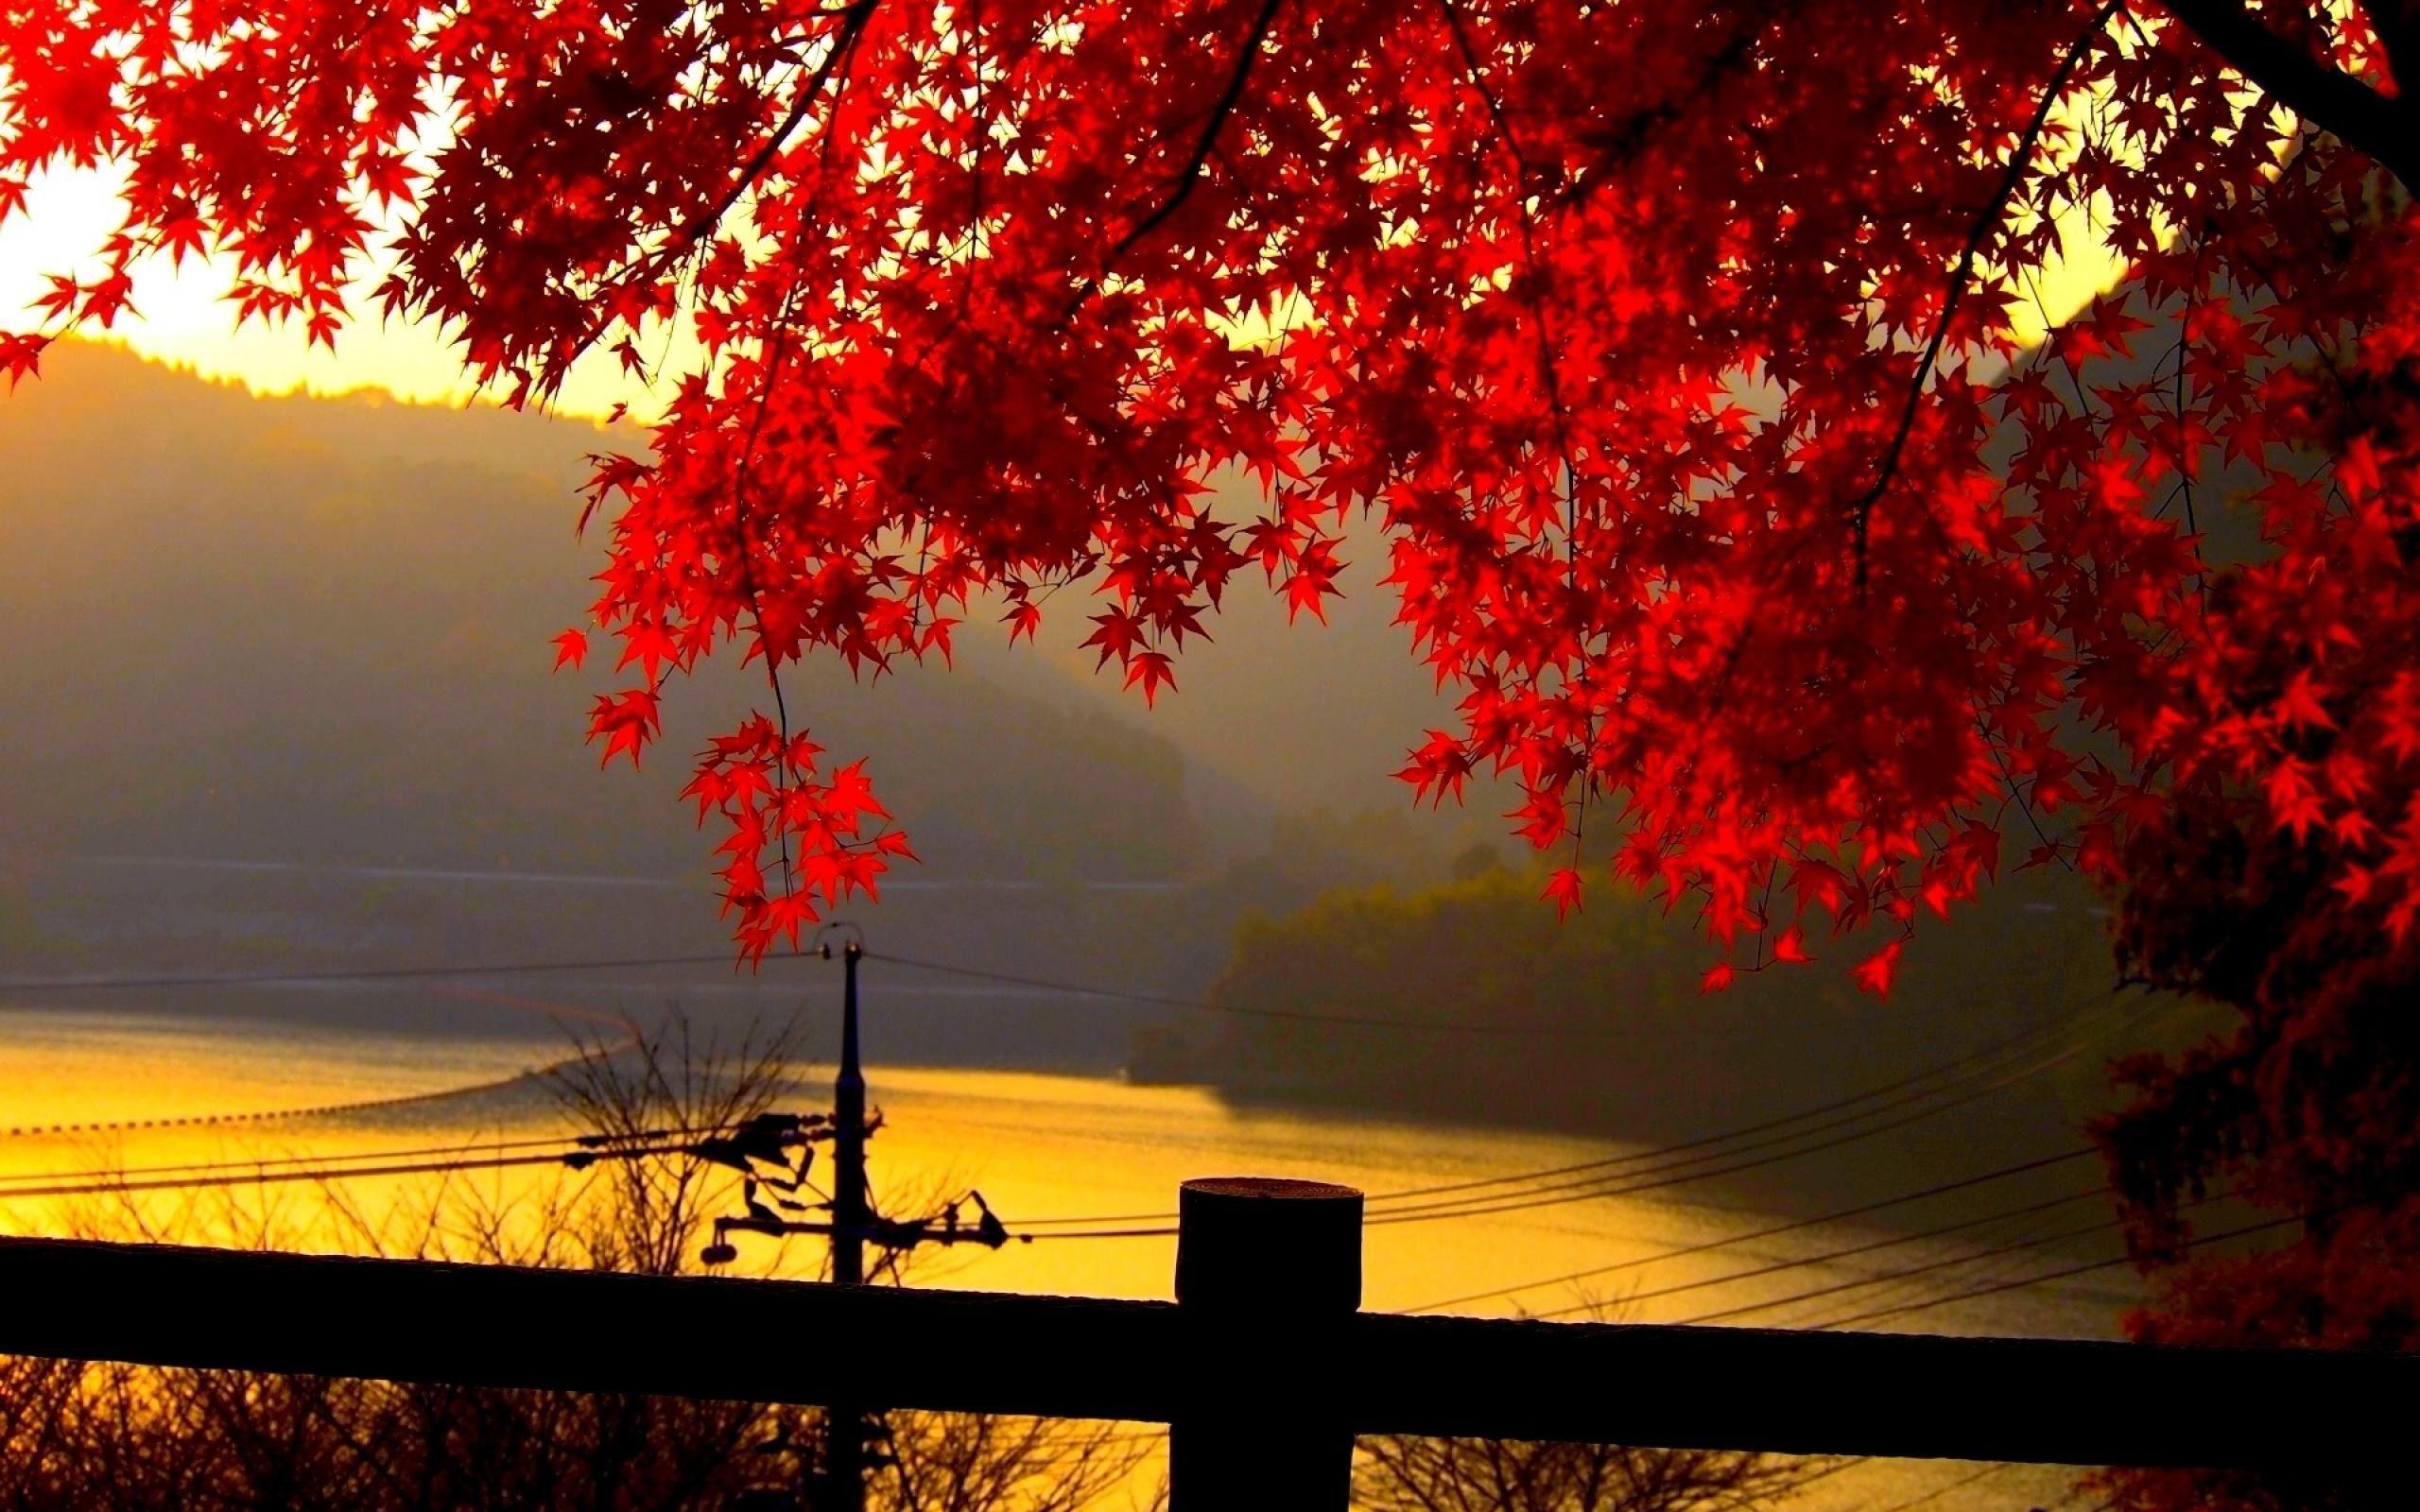 Autumn Landscape Wallpapers 2560x1600